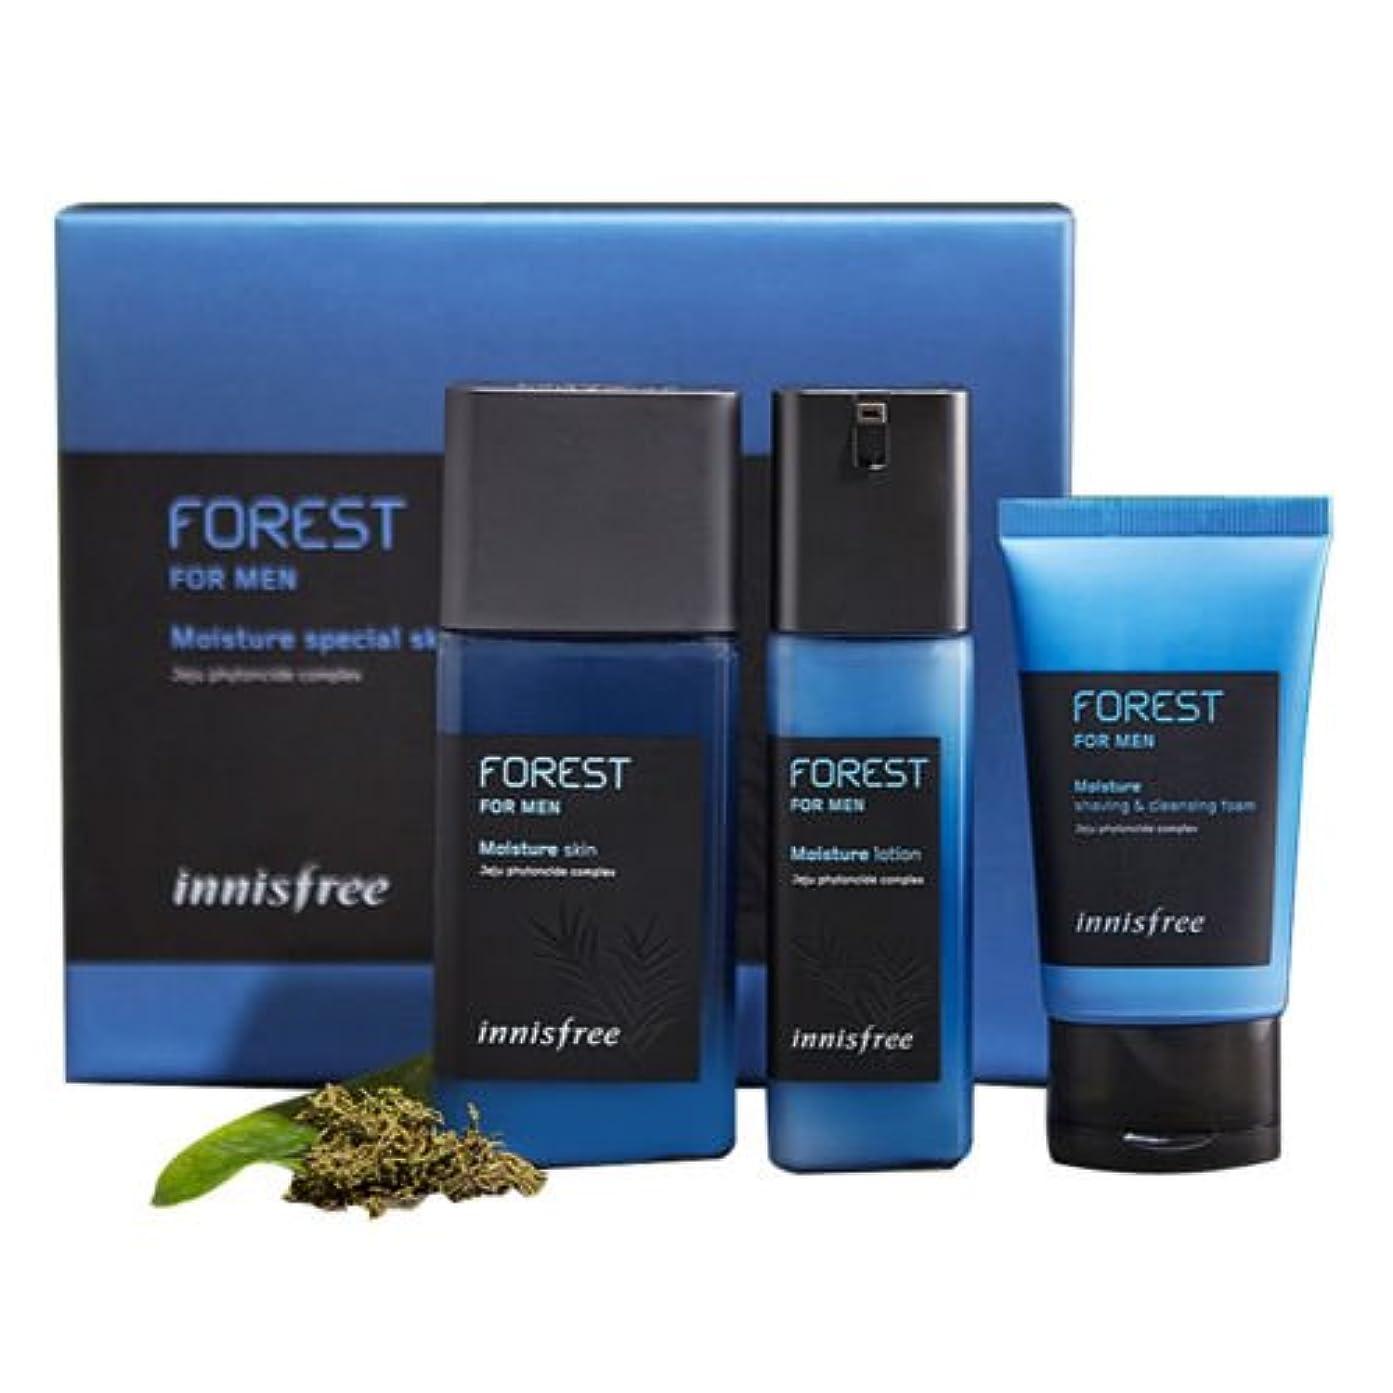 従事する一生哲学的[イニスフリー Innisfree]フォレストフォーメンモイスチャースペシャルスキンケアセット/Forest for men Moisture special skin care set (Skin 180ml+ Lotion 120ml+ GIFT Cleansing Foam 50ml)